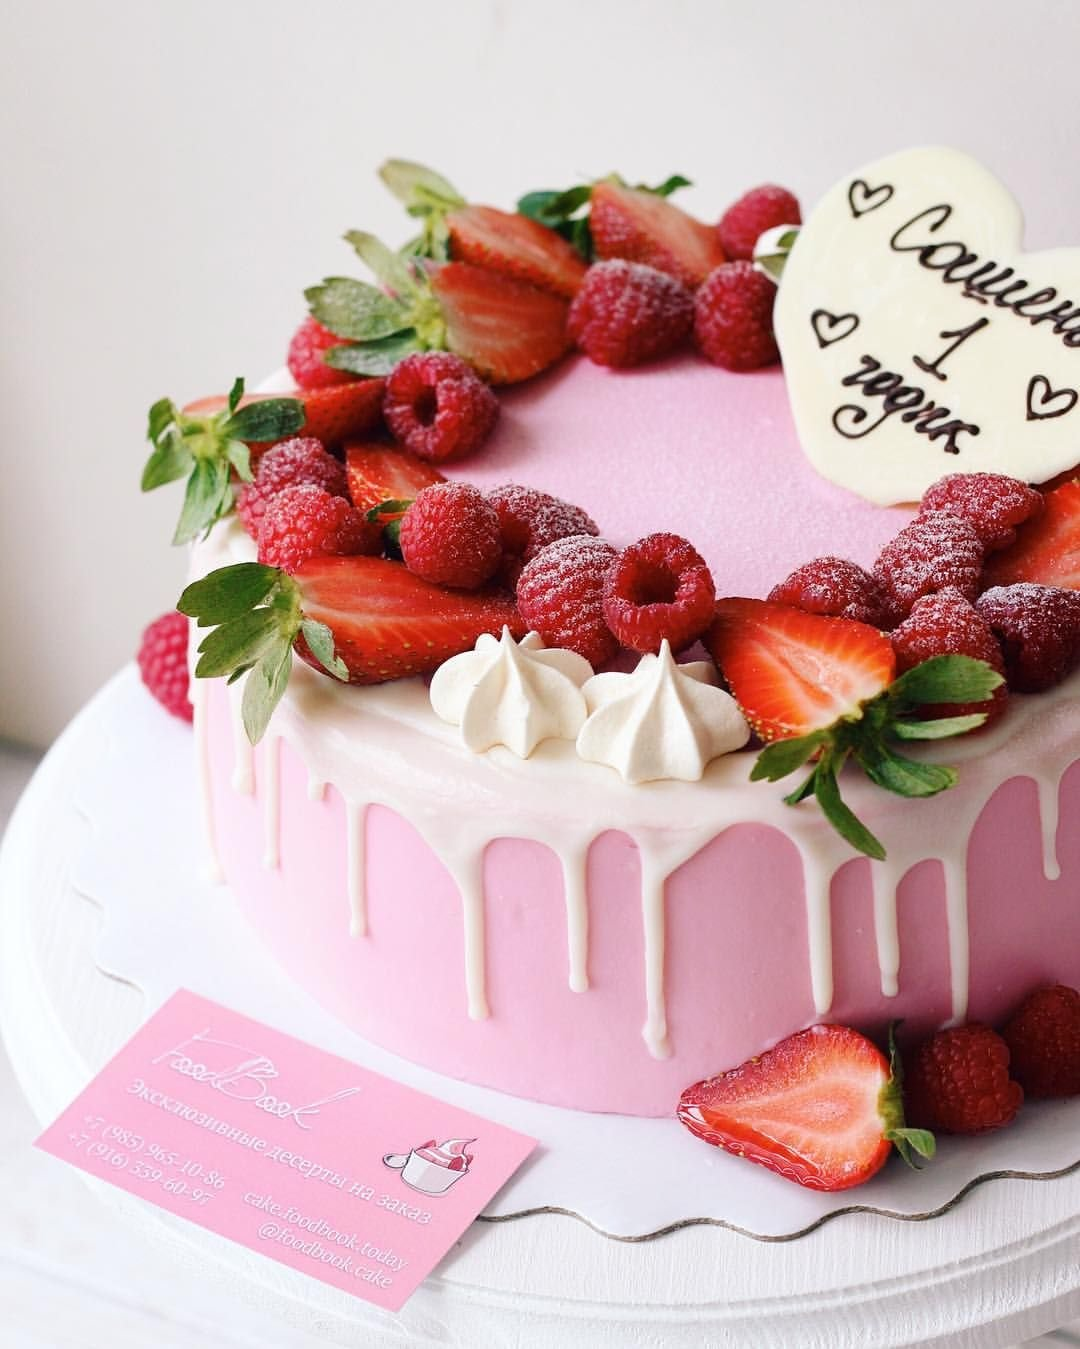 смешные, ласковые торты на заказ фото с днем рождения идеи для